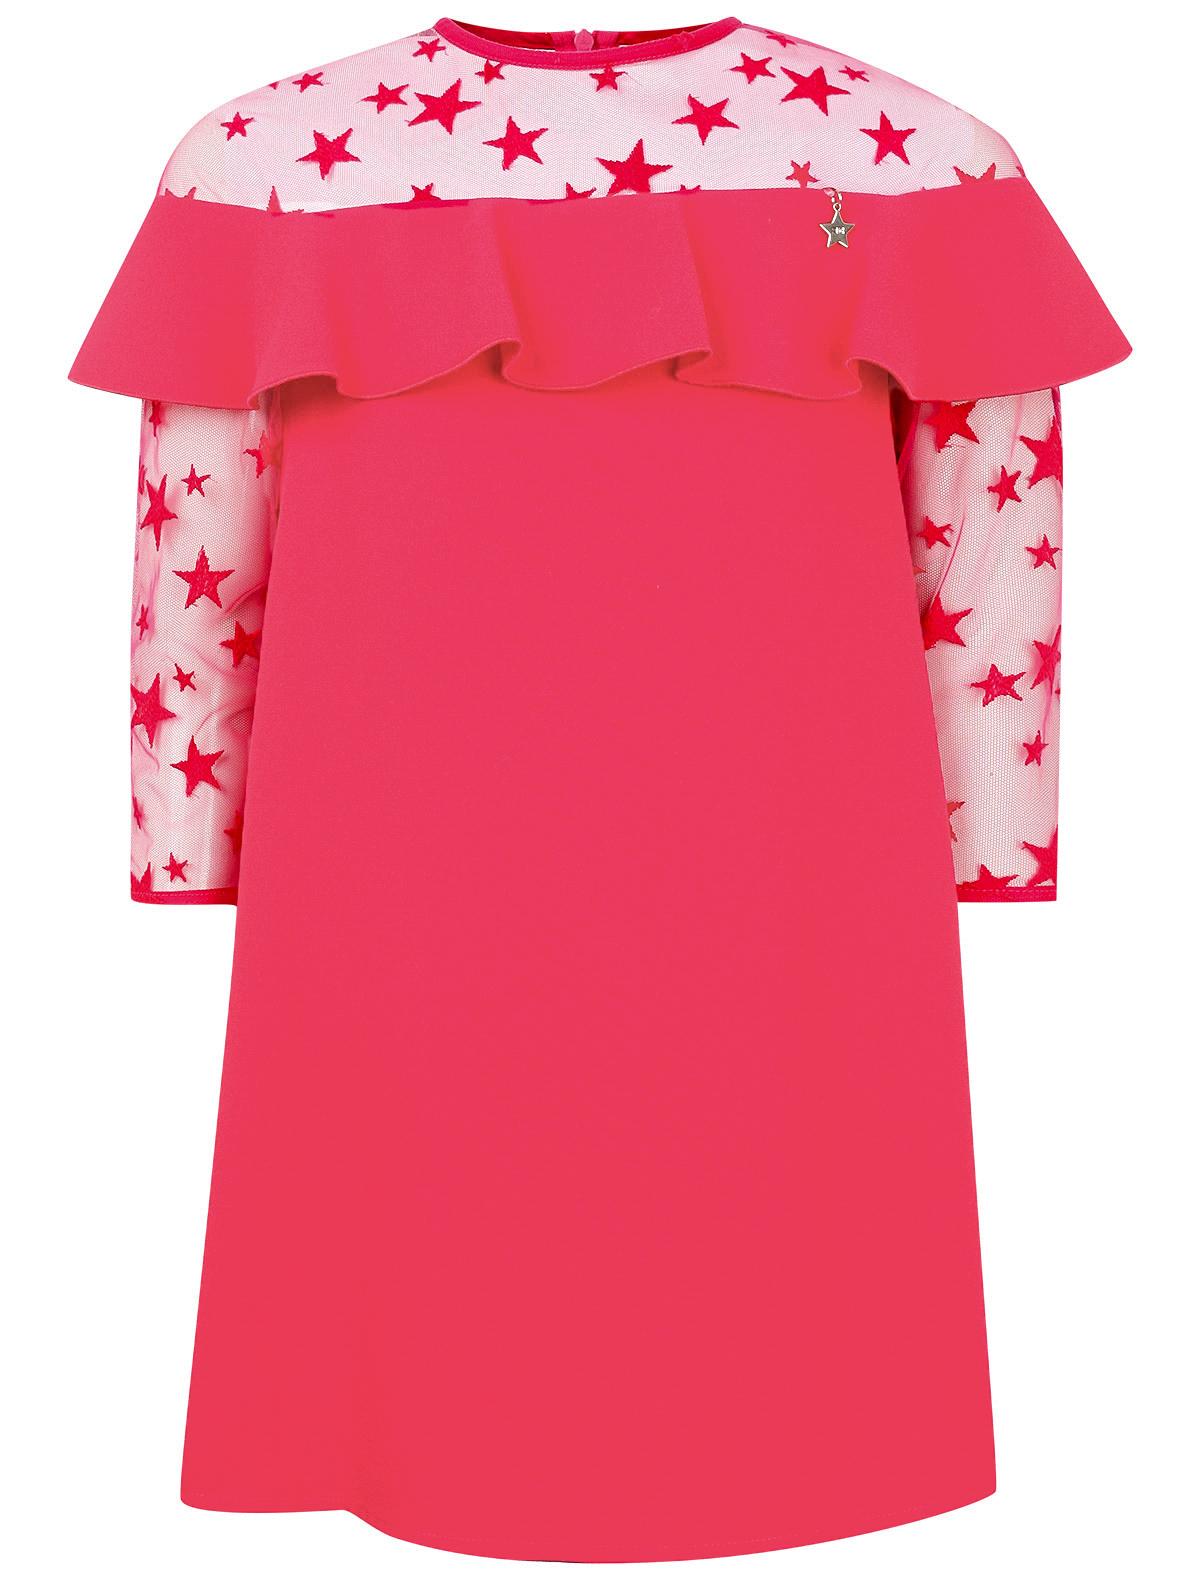 Купить 2139971, Платье ELISABETTA FRANCHI, розовый, Женский, 1052609981104